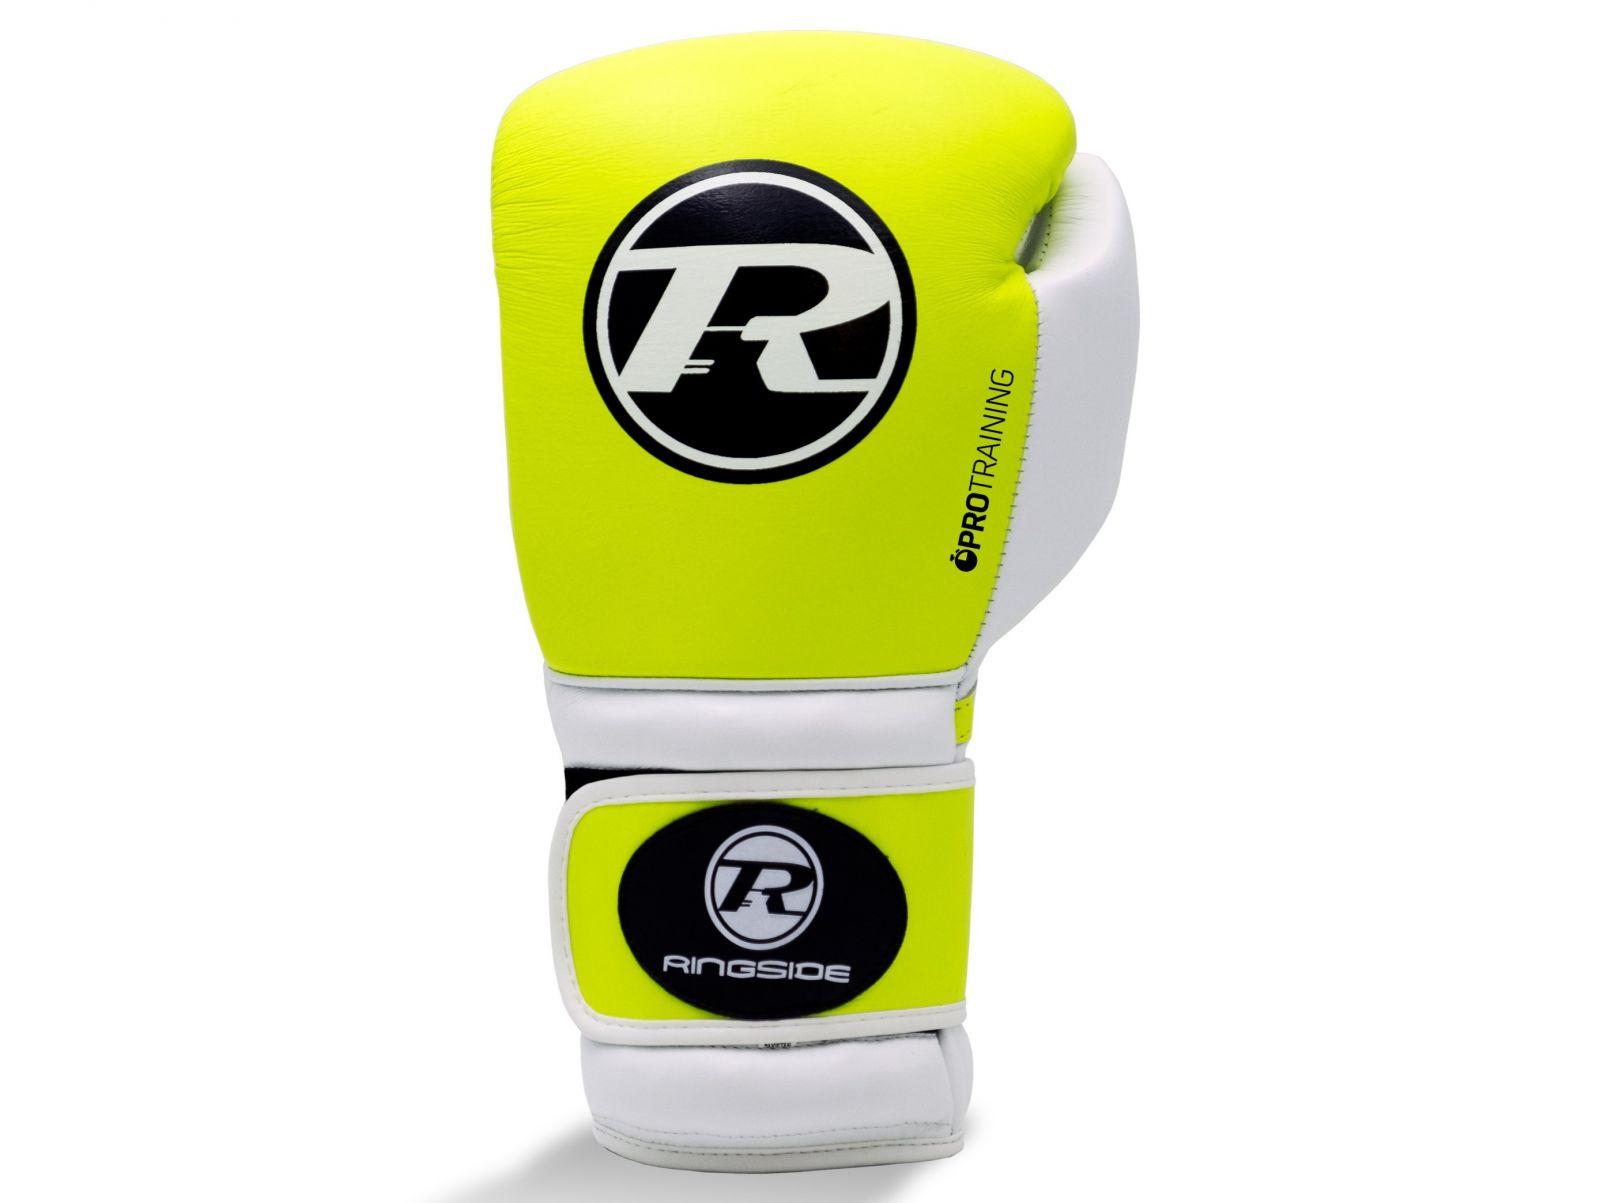 RINGSIDE Boxerské rukavice Pro Training G1 (16oz) - volt/bílá/černá